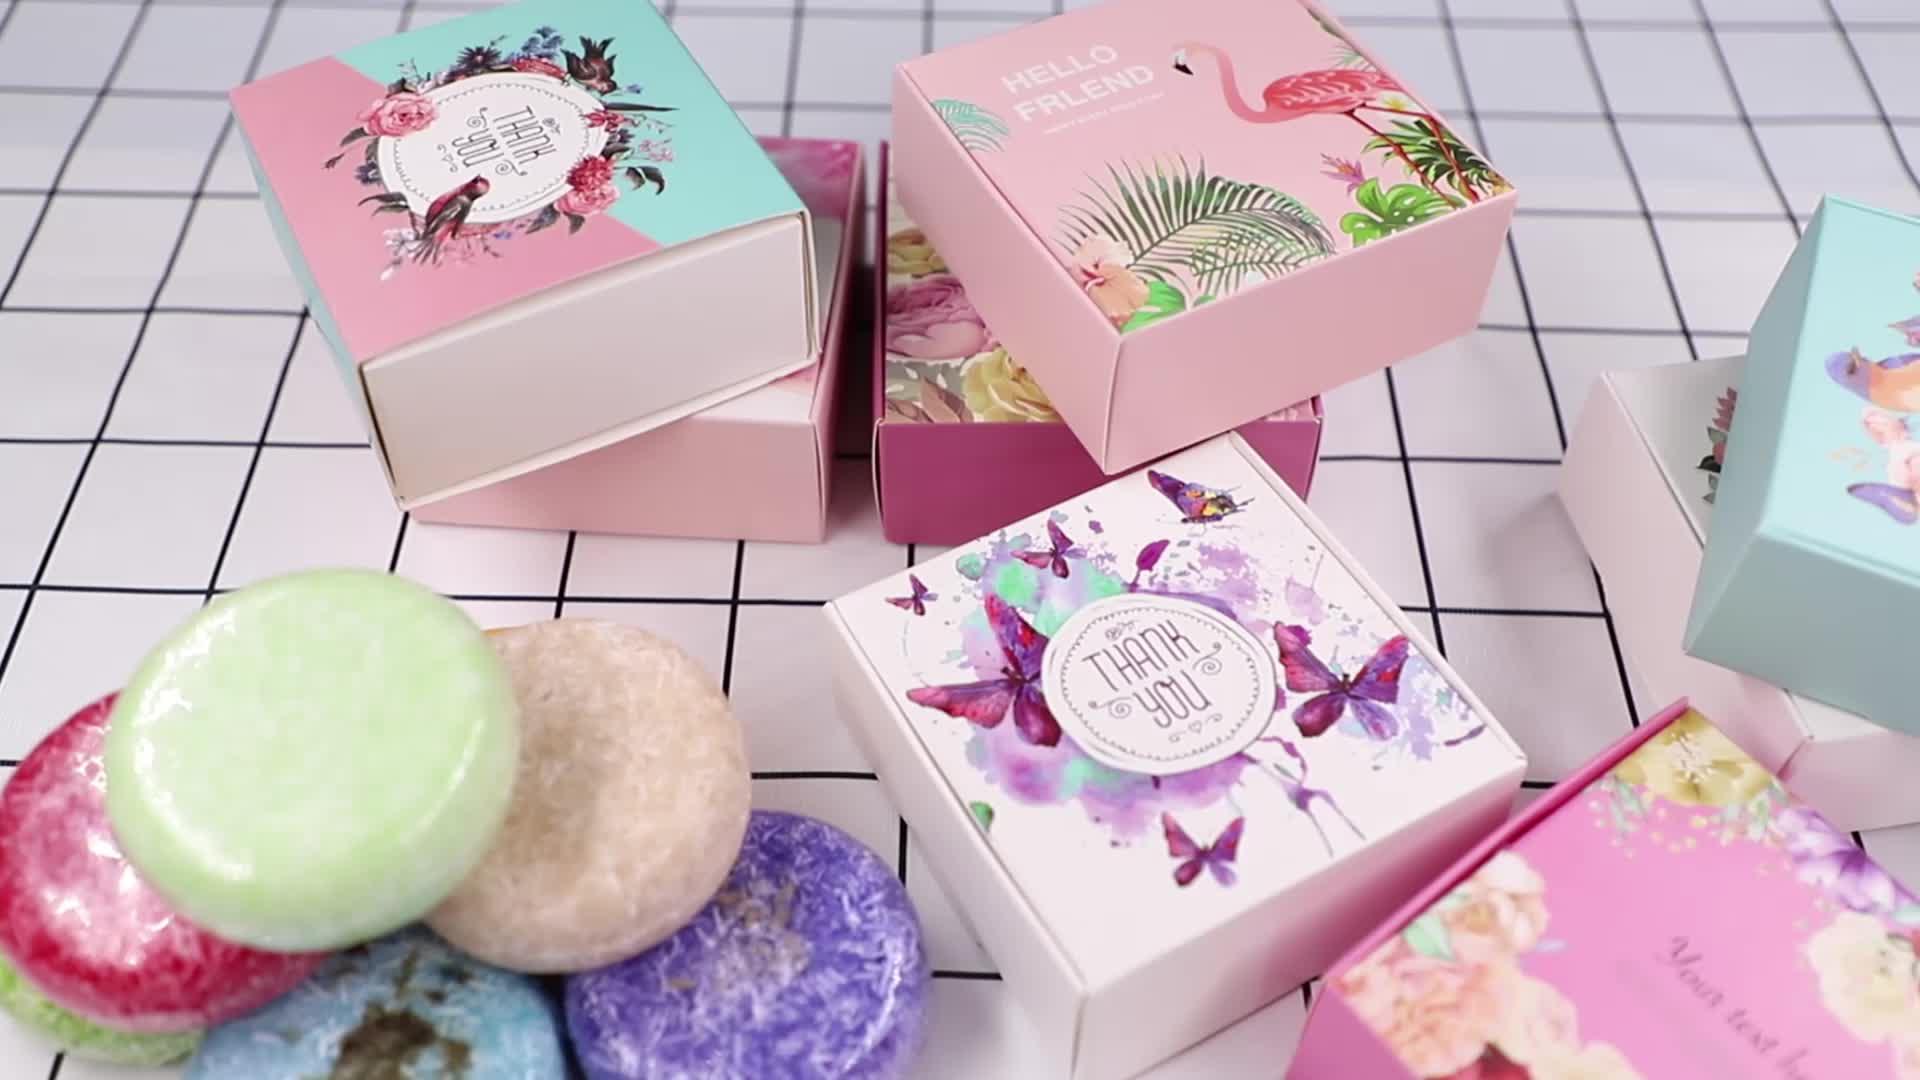 100% מכירה לוהטת מותג פרטי בעבודת יד טבעוני פח קופסא מתנת סט שיער סבון טבעי בועת טהור אורגני מוצק שמפו בר עבור שיער